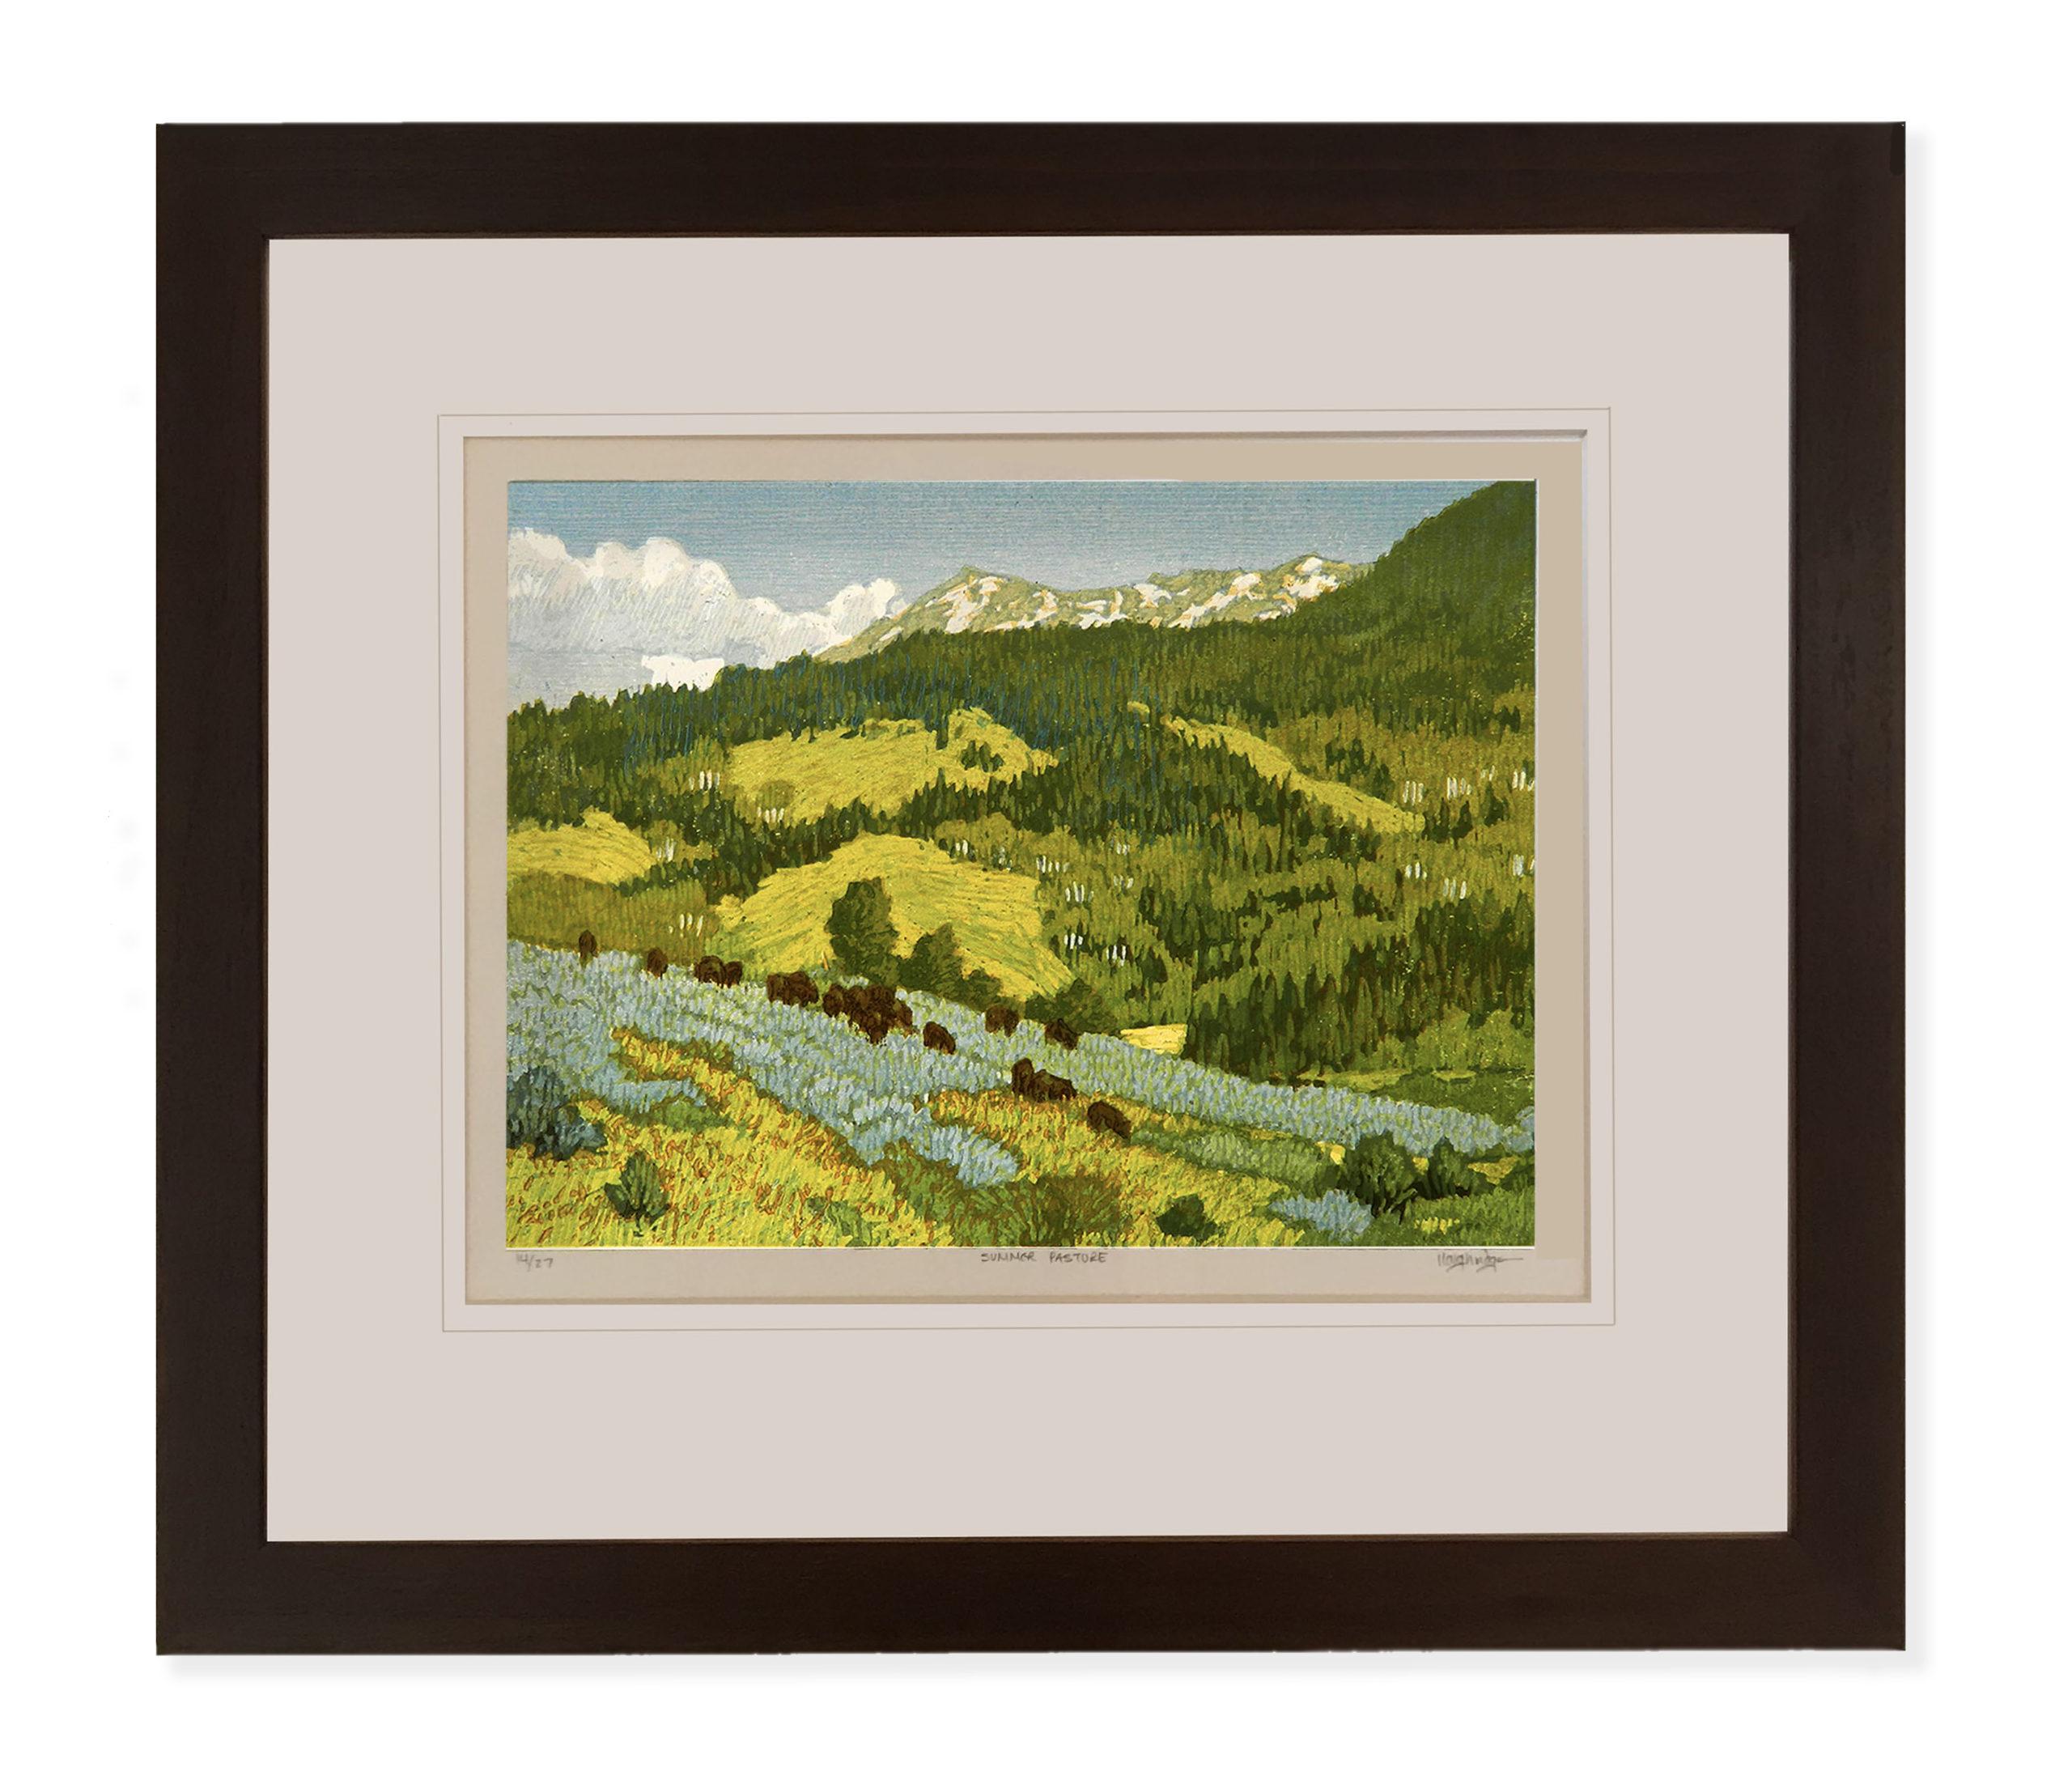 Leon Loughridge - Summer Pasture 14/27